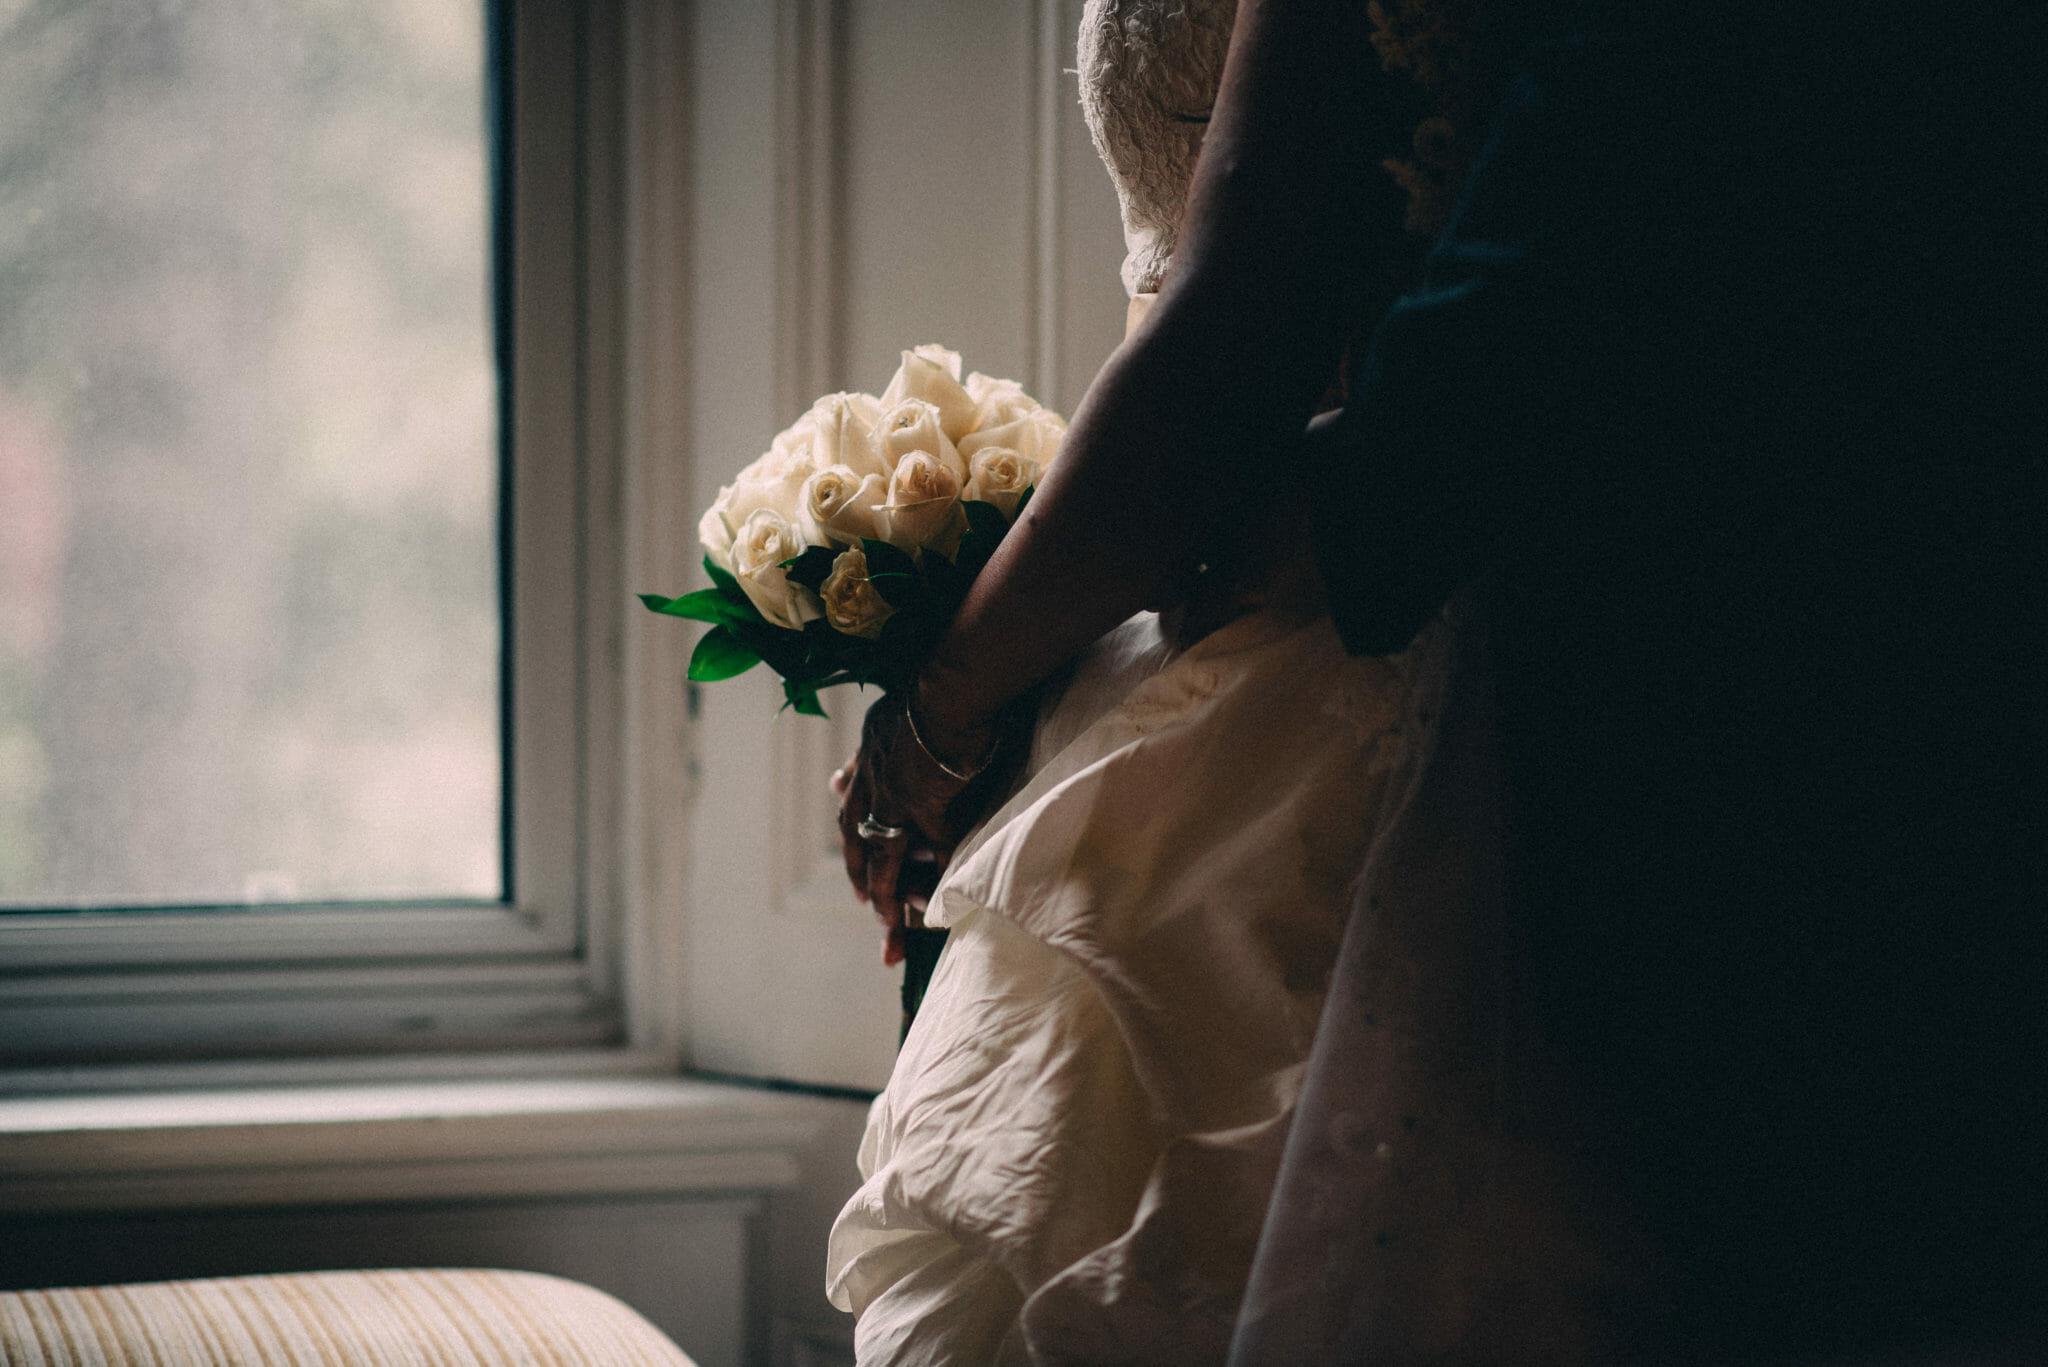 bridal bouquet at trafalgar castle wedding